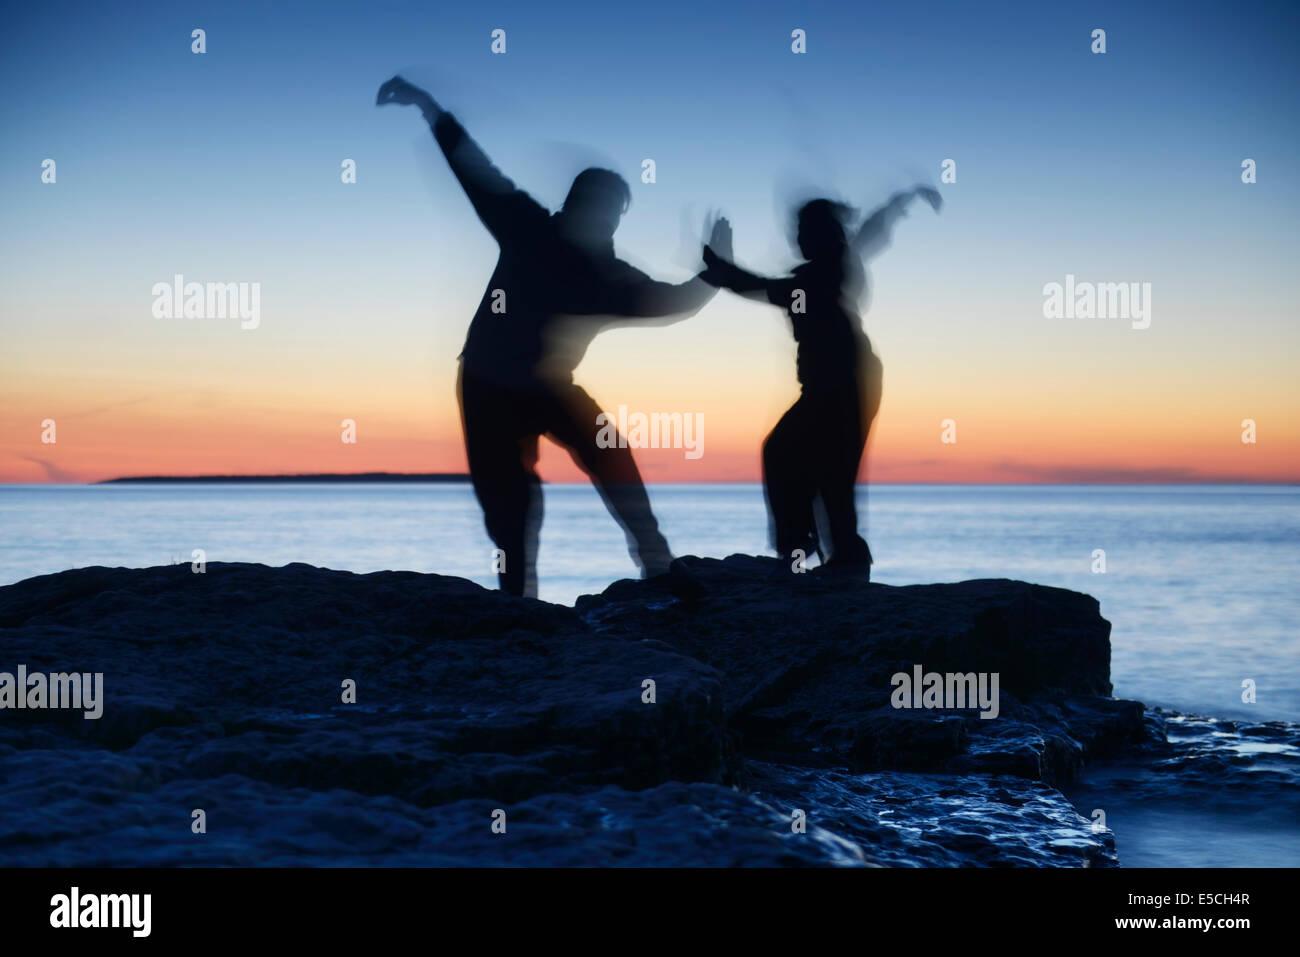 Dos siluetas borrosas de gente que practica artes marciales al atardecer en la naturaleza más colorido cielo Imagen De Stock